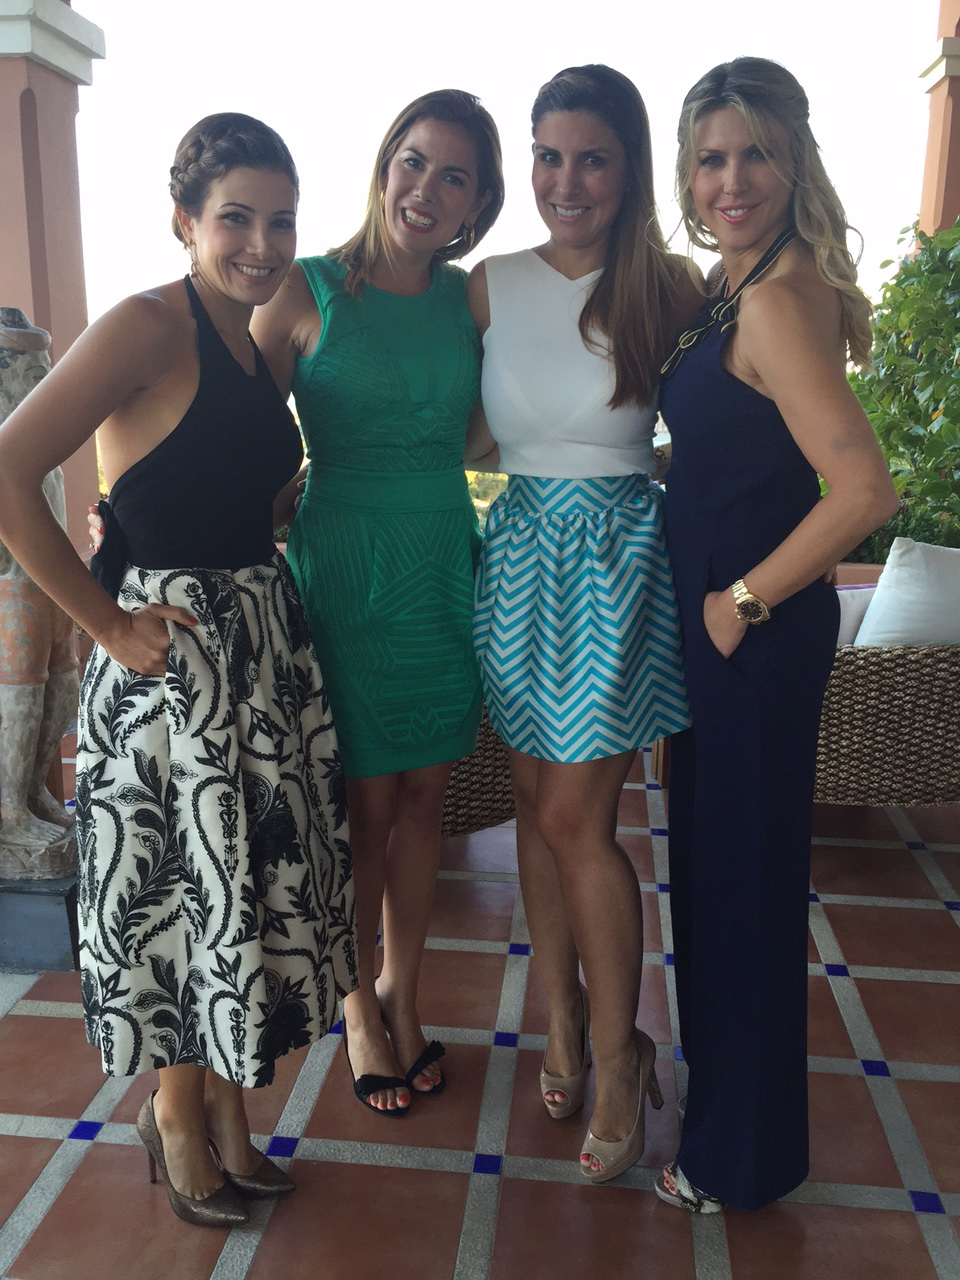 Las 4 magníficas: Virginia Troconis, Laura Carandini, Silvia Casas y Patricia Olmedilla.